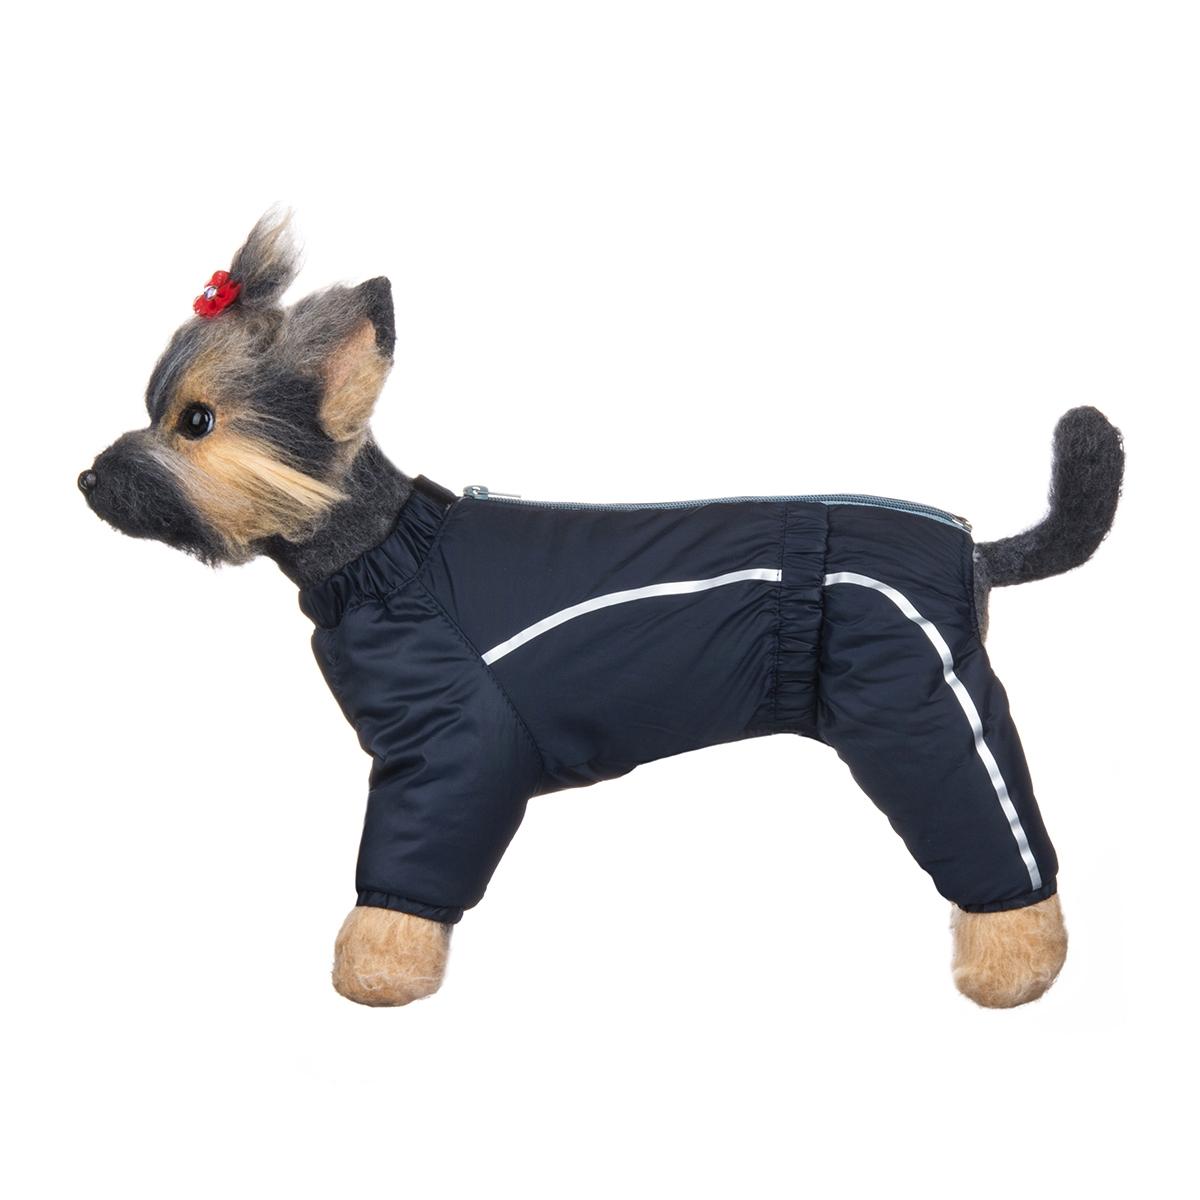 Комбинезон для собак Dogmoda Альпы, зимний, для мальчика, цвет: синий, светло-серый. Размер 4 (XL)DM-150351-4Зимний комбинезон для собак Dogmoda Альпы отлично подойдет для прогулок в зимнее время года.Комбинезон изготовлен из полиэстера, защищающего от ветра и снега, с утеплителем из синтепона, который сохранит тепло даже в сильные морозы, а на подкладке используется искусственный мех, который обеспечивает отличный воздухообмен. Комбинезон застегивается на молнию и липучку, благодаря чему его легко надевать и снимать. Ворот, низ рукавов и брючин оснащены внутренними резинками, которые мягко обхватывают шею и лапки, не позволяя просачиваться холодному воздуху. На пояснице имеется внутренняя резинка. Изделие декорировано серебристыми полосками и надписью DM.Благодаря такому комбинезону простуда не грозит вашему питомцу и он сможет испытать не сравнимое удовольствие от снежных игр и забав.